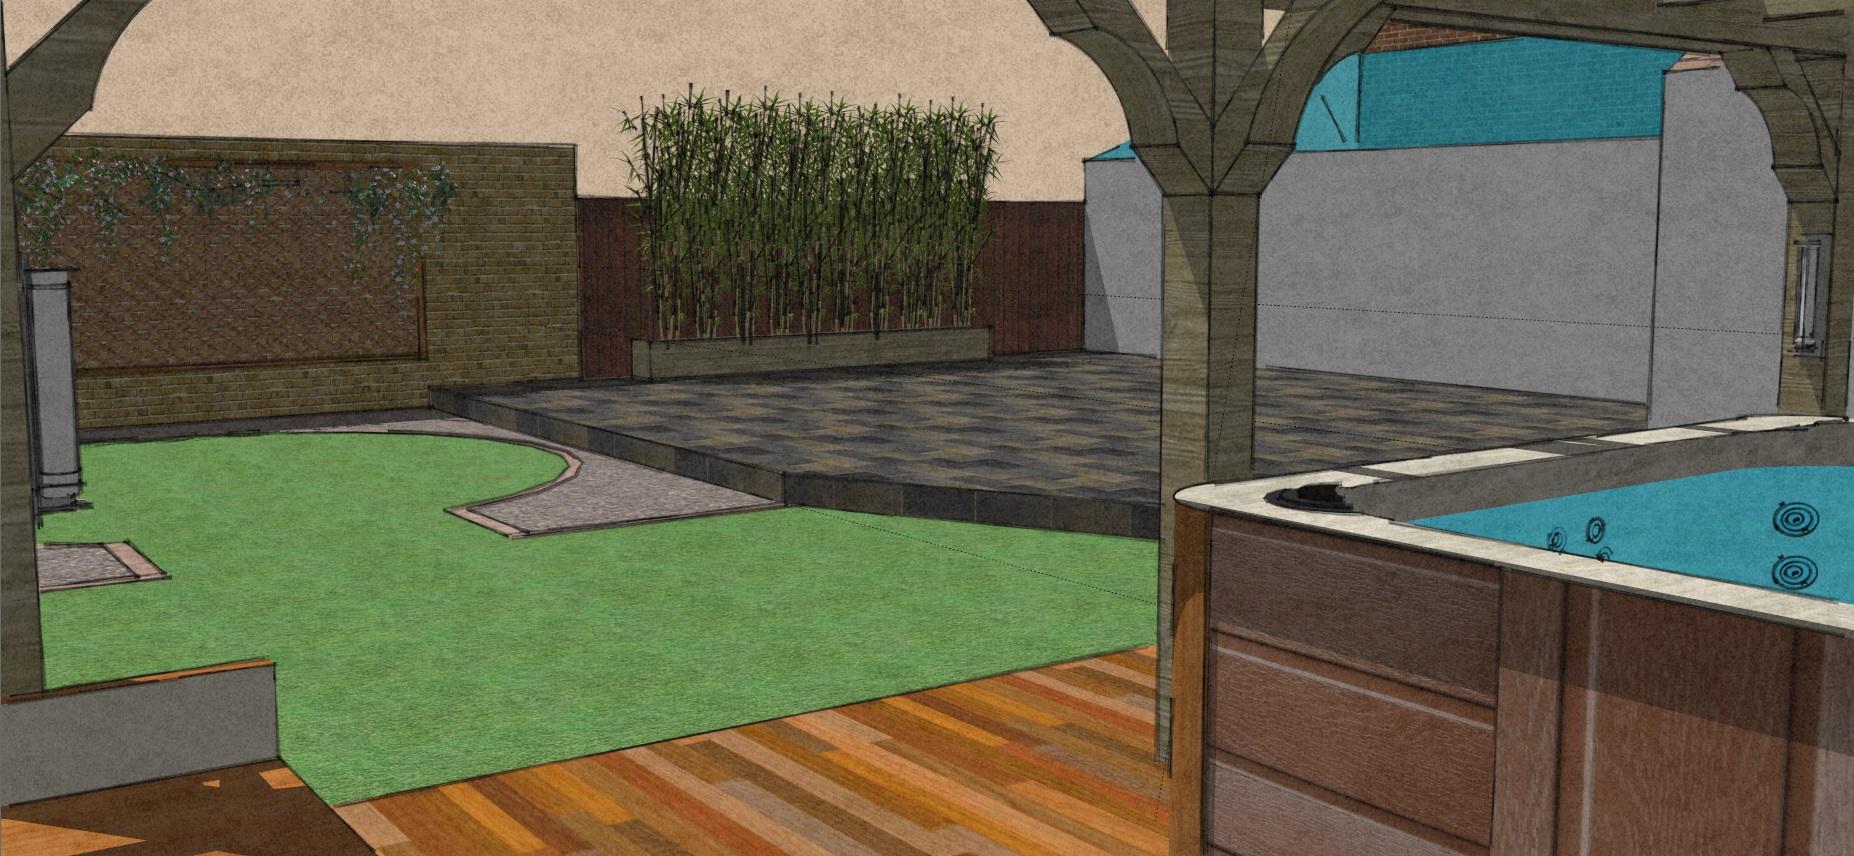 Dunmow garden design